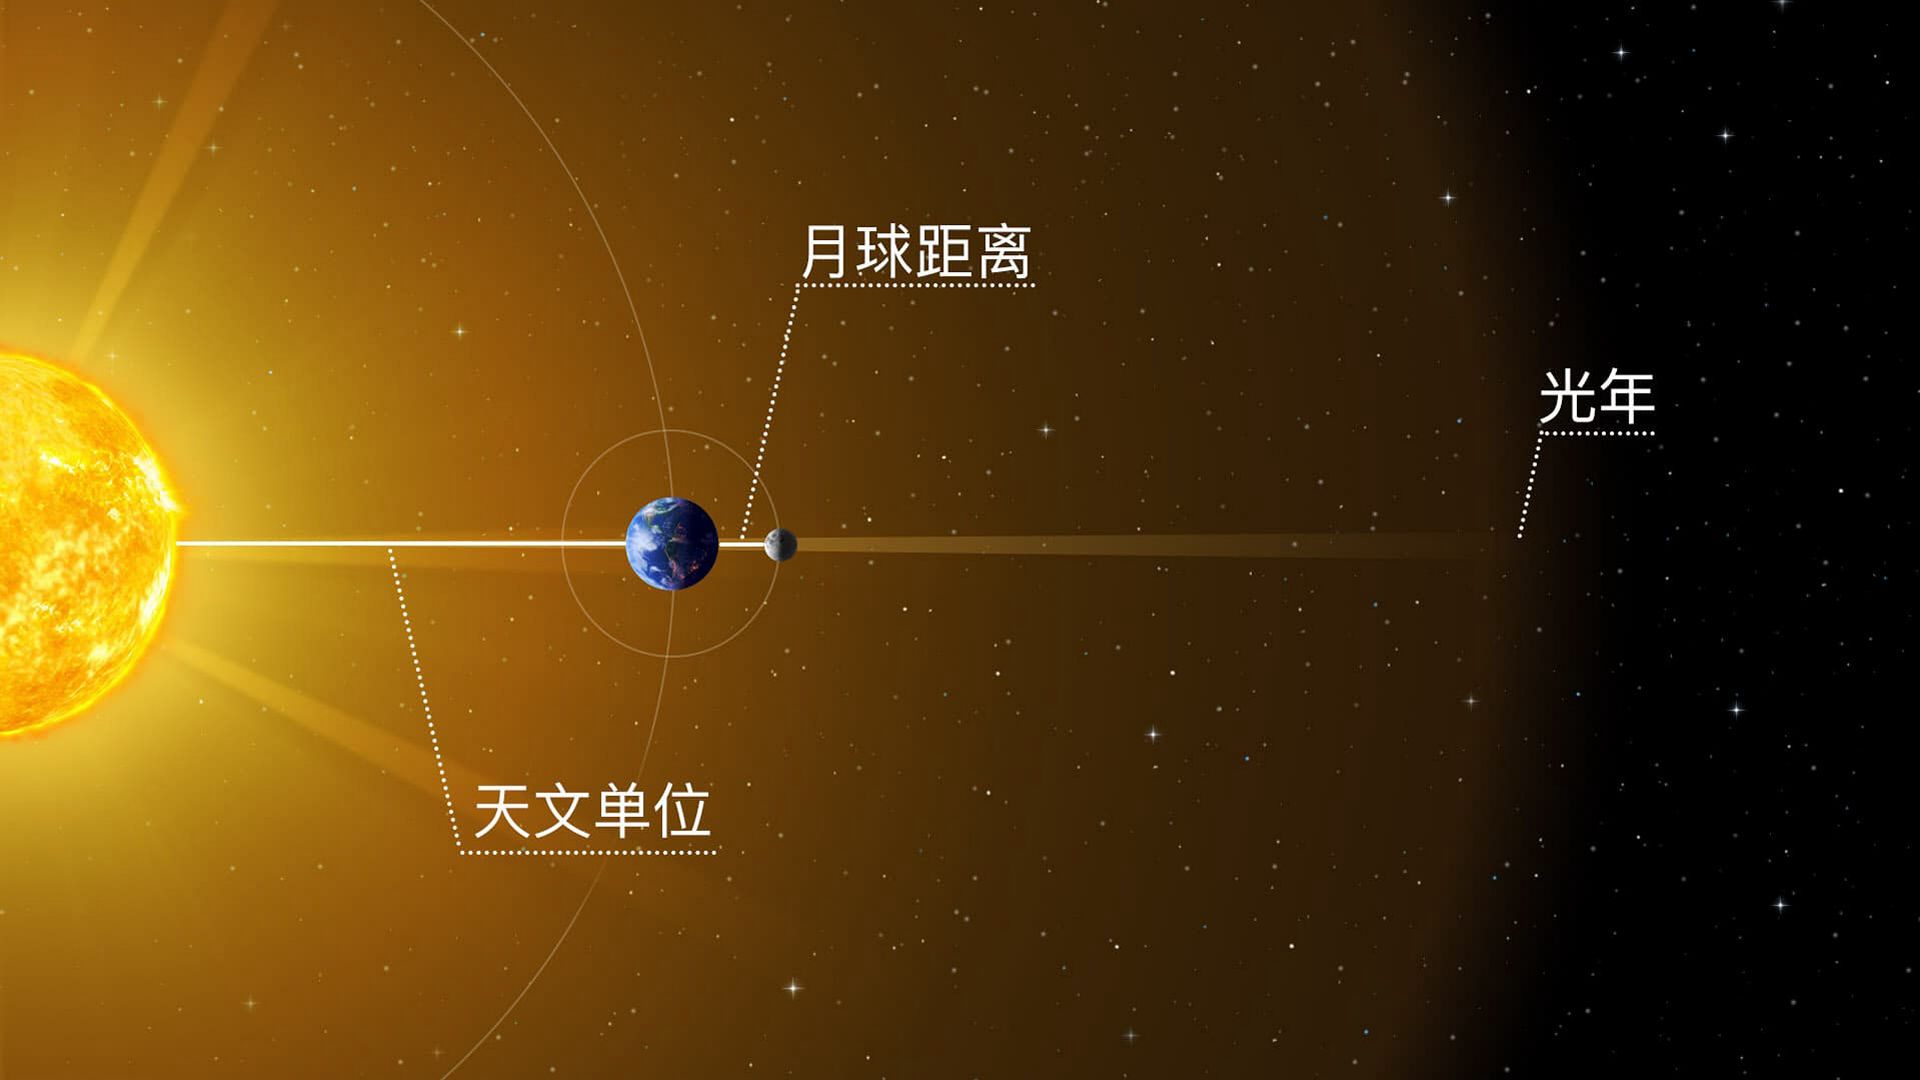 什么是更大:月球距离,天文单位,还是光年?